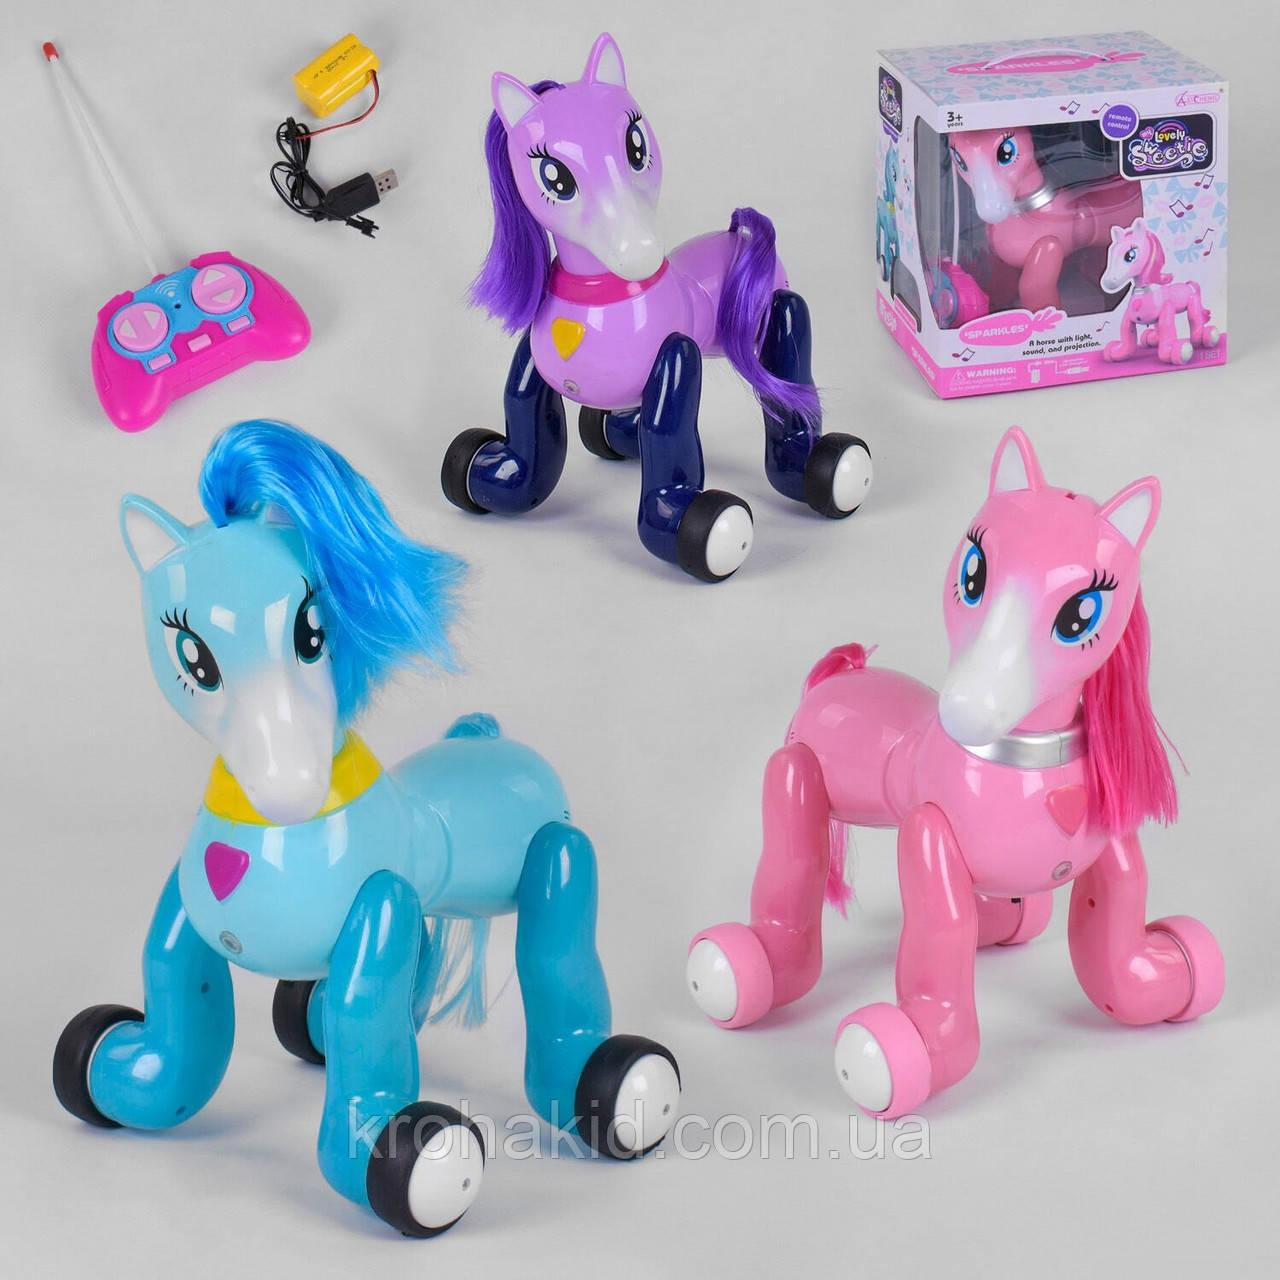 Інтерактивна іграшка конячка поні єдиноріг 2031 на радіокеруванні: проектор, світло, звук (рожевий/фіолетовий)